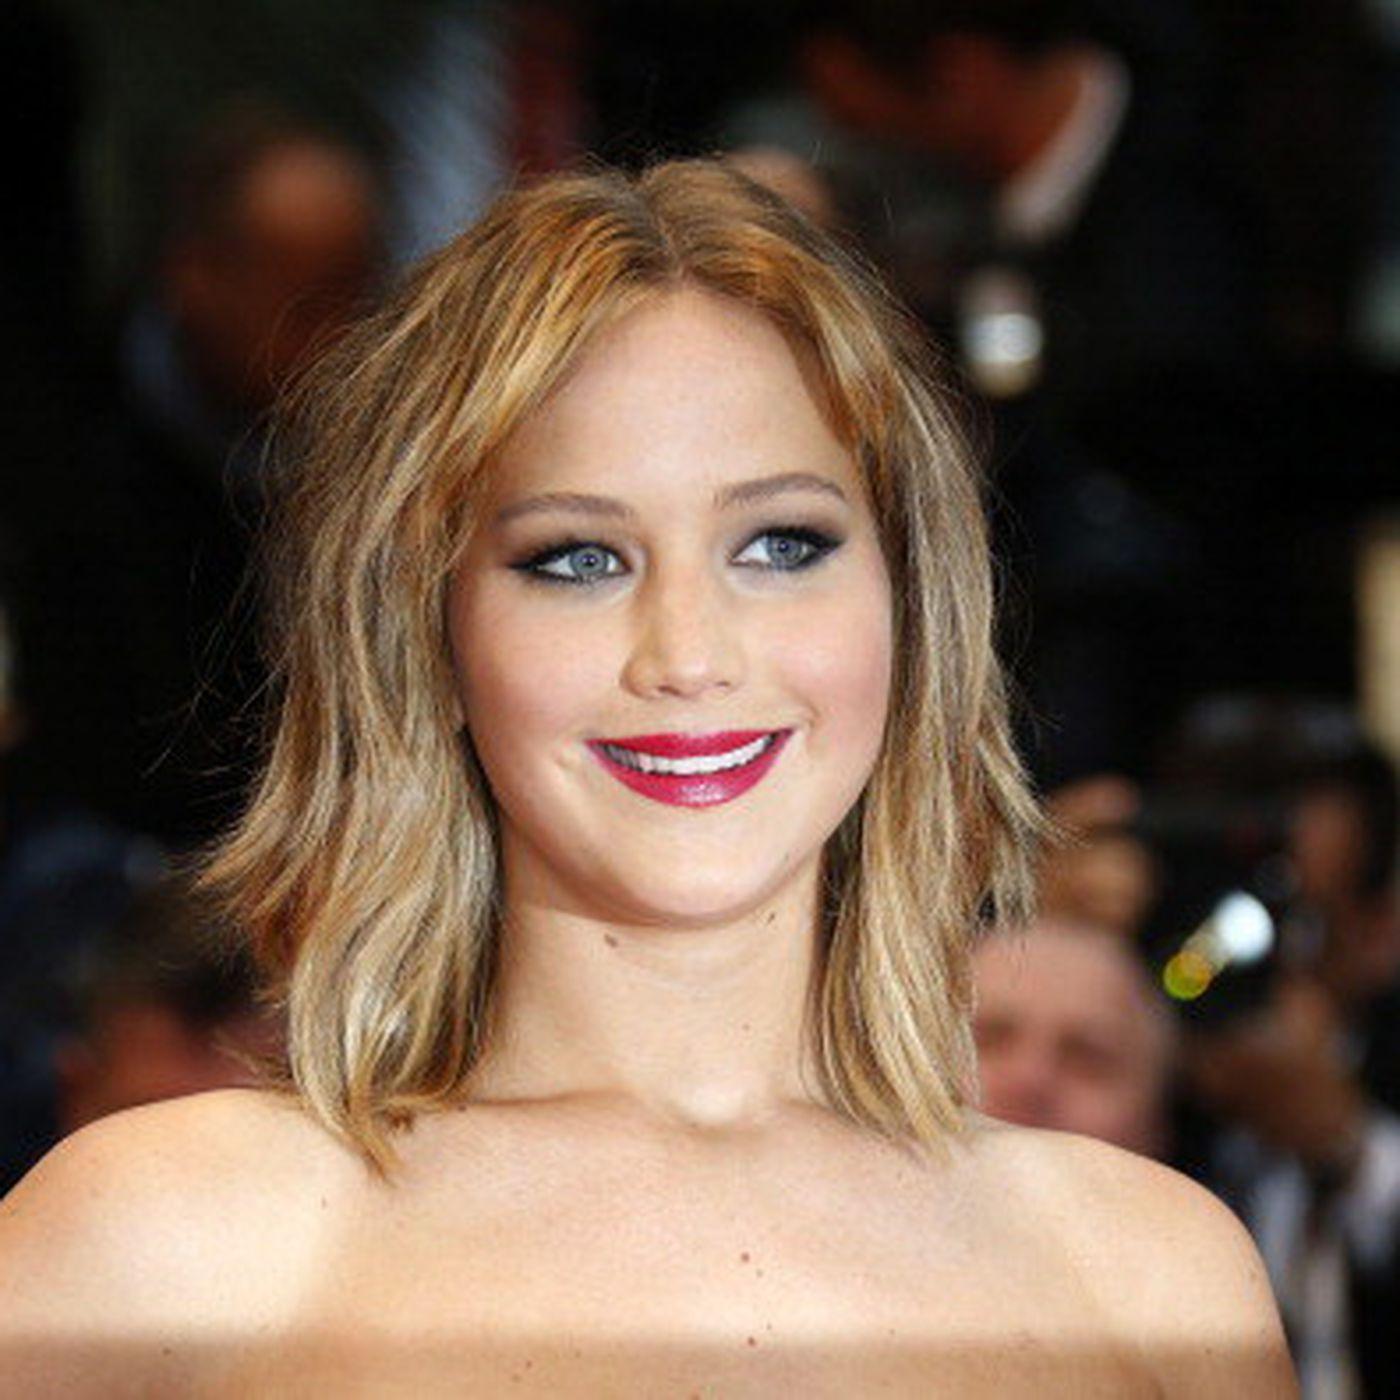 Revenge Porn Jennifer Lawrence